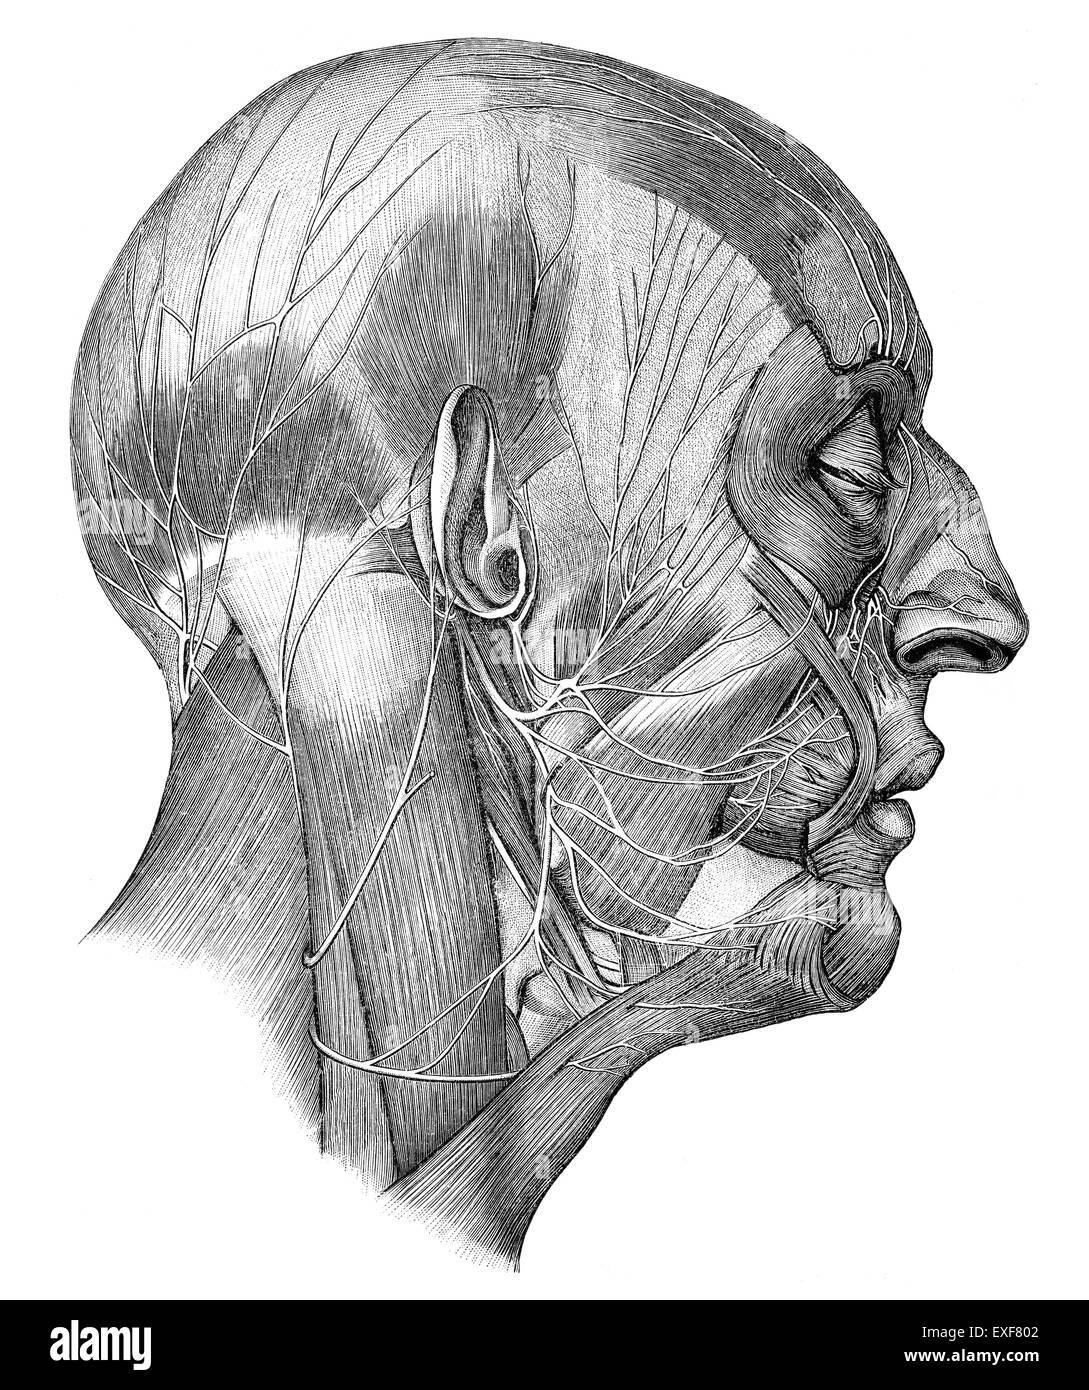 Cabeza humana con nervios craneales Imagen De Stock